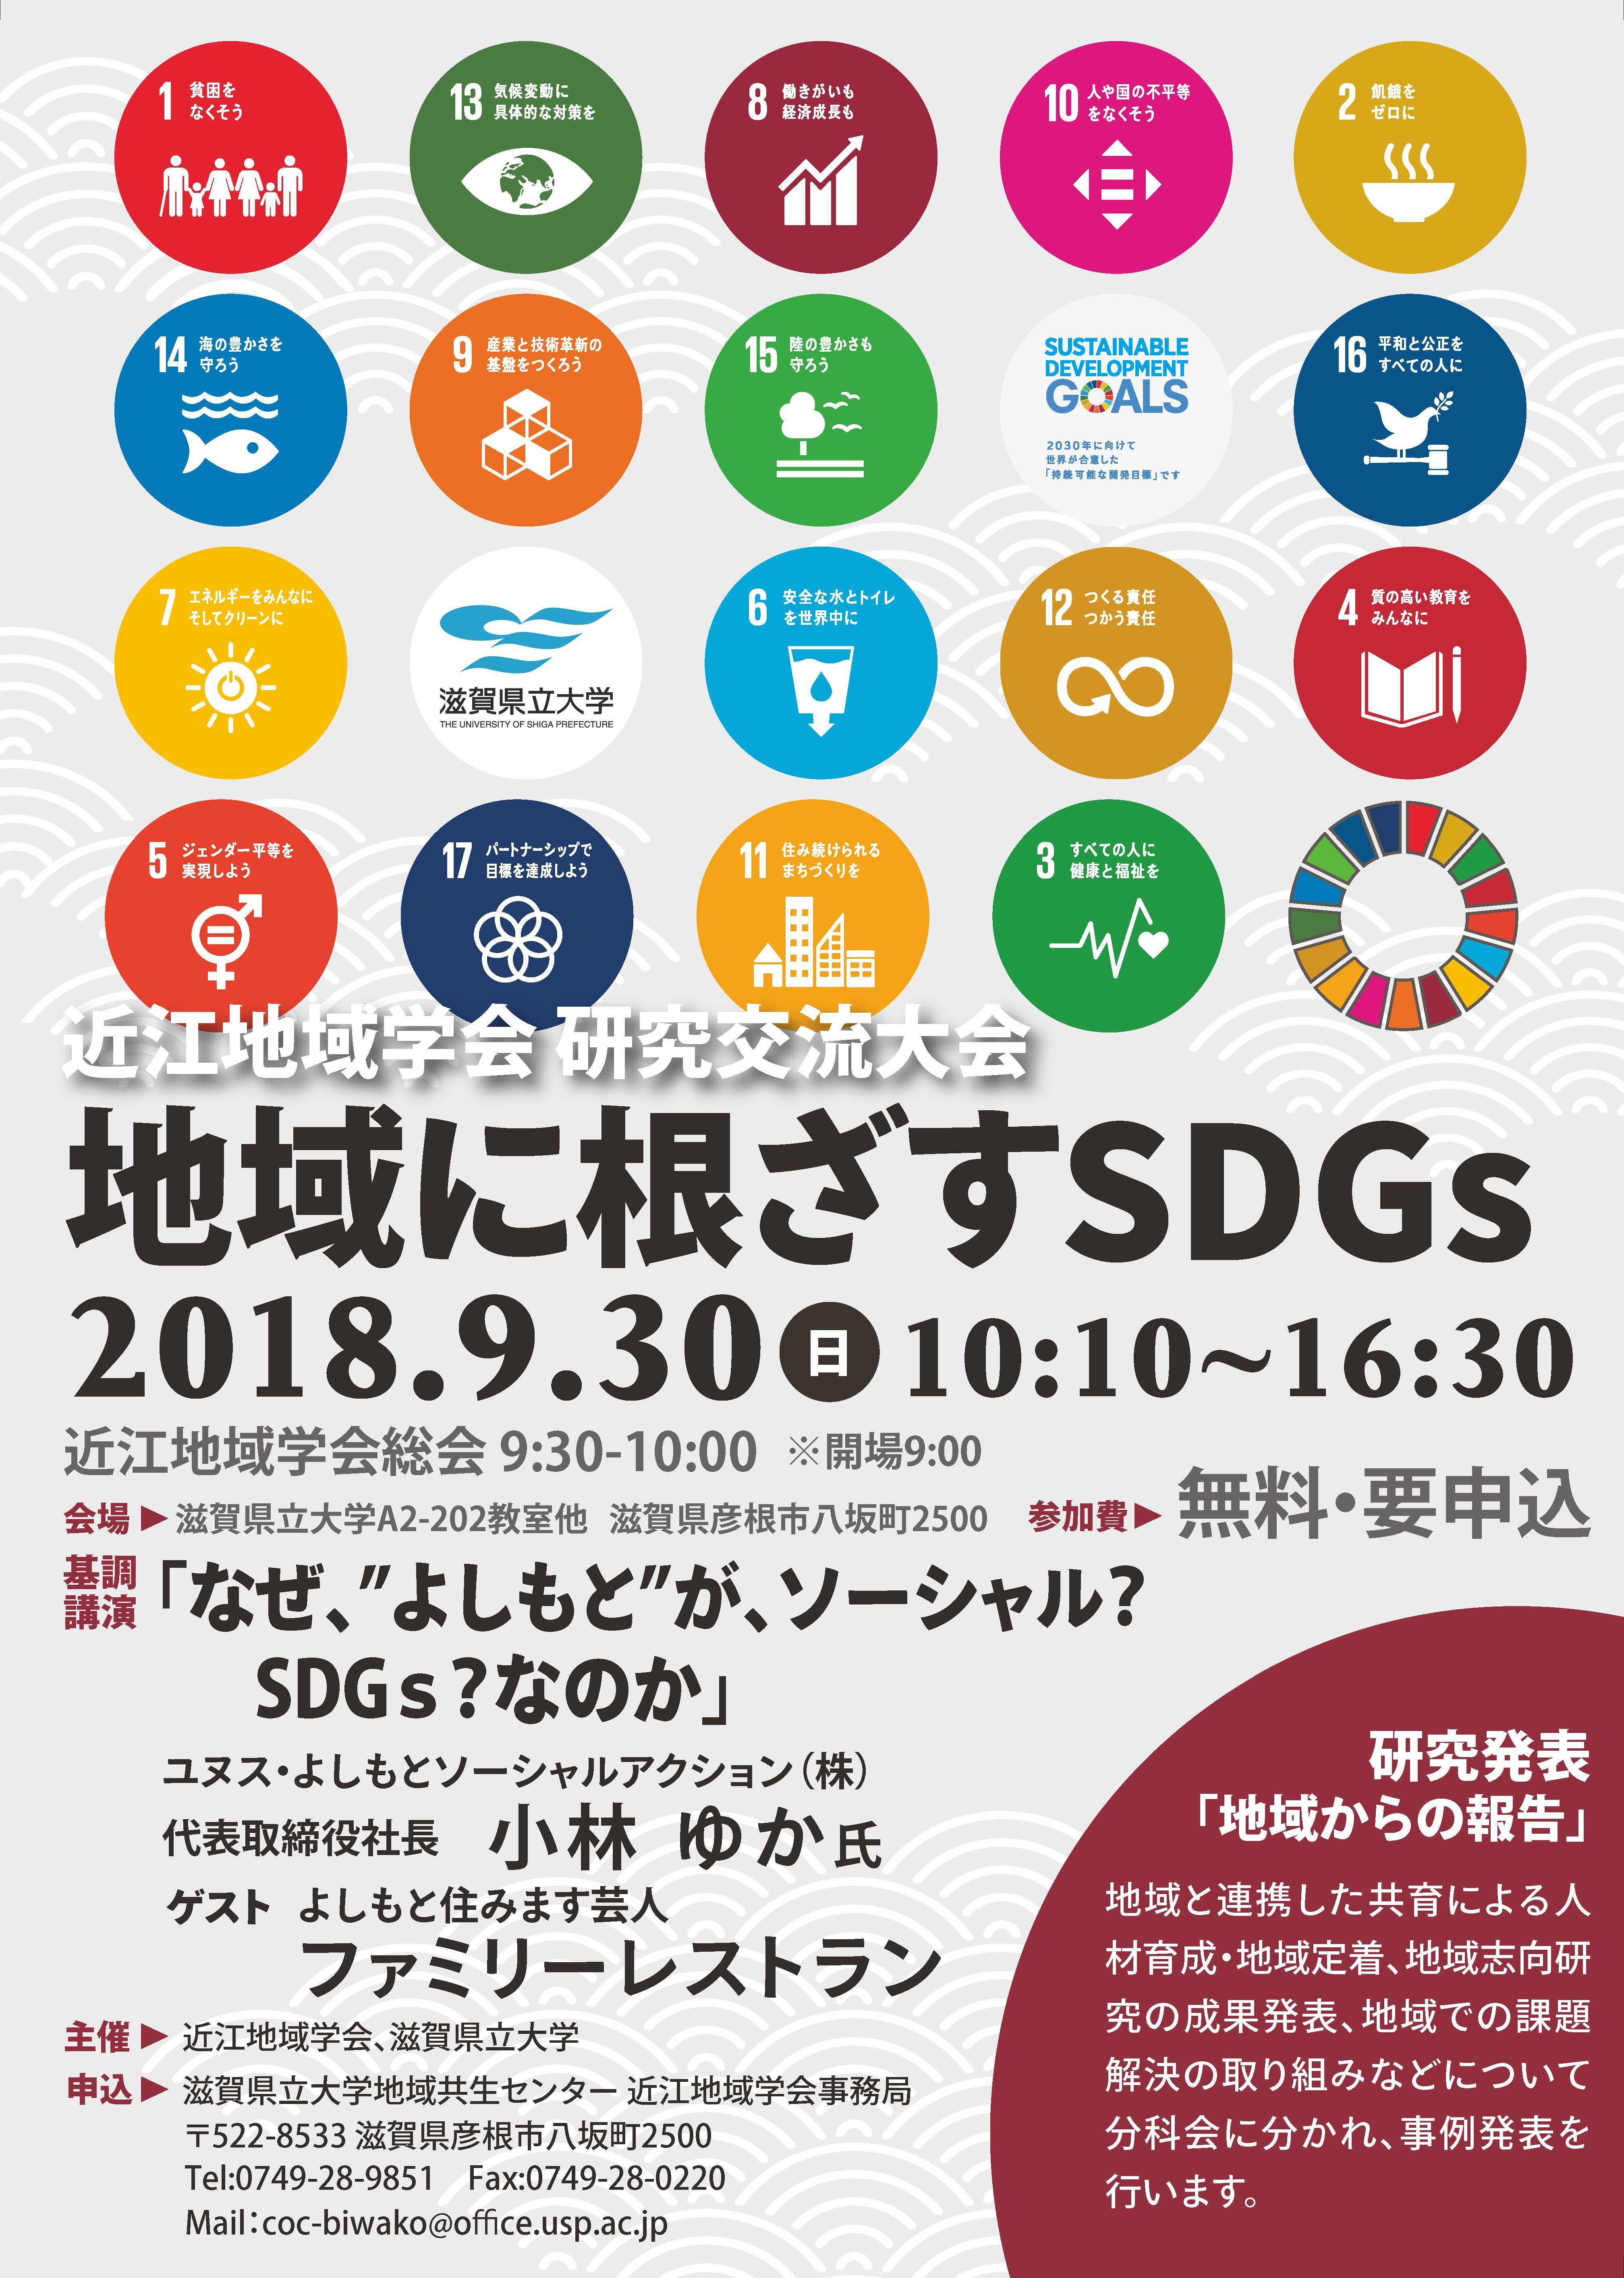 滋賀県立大学が9月30日に平成30年度 近江地域学会研究交流大会「地域に根ざすSDGs」を開催 -- お笑いの「よしもと」によるSDGsの取り組みの紹介も